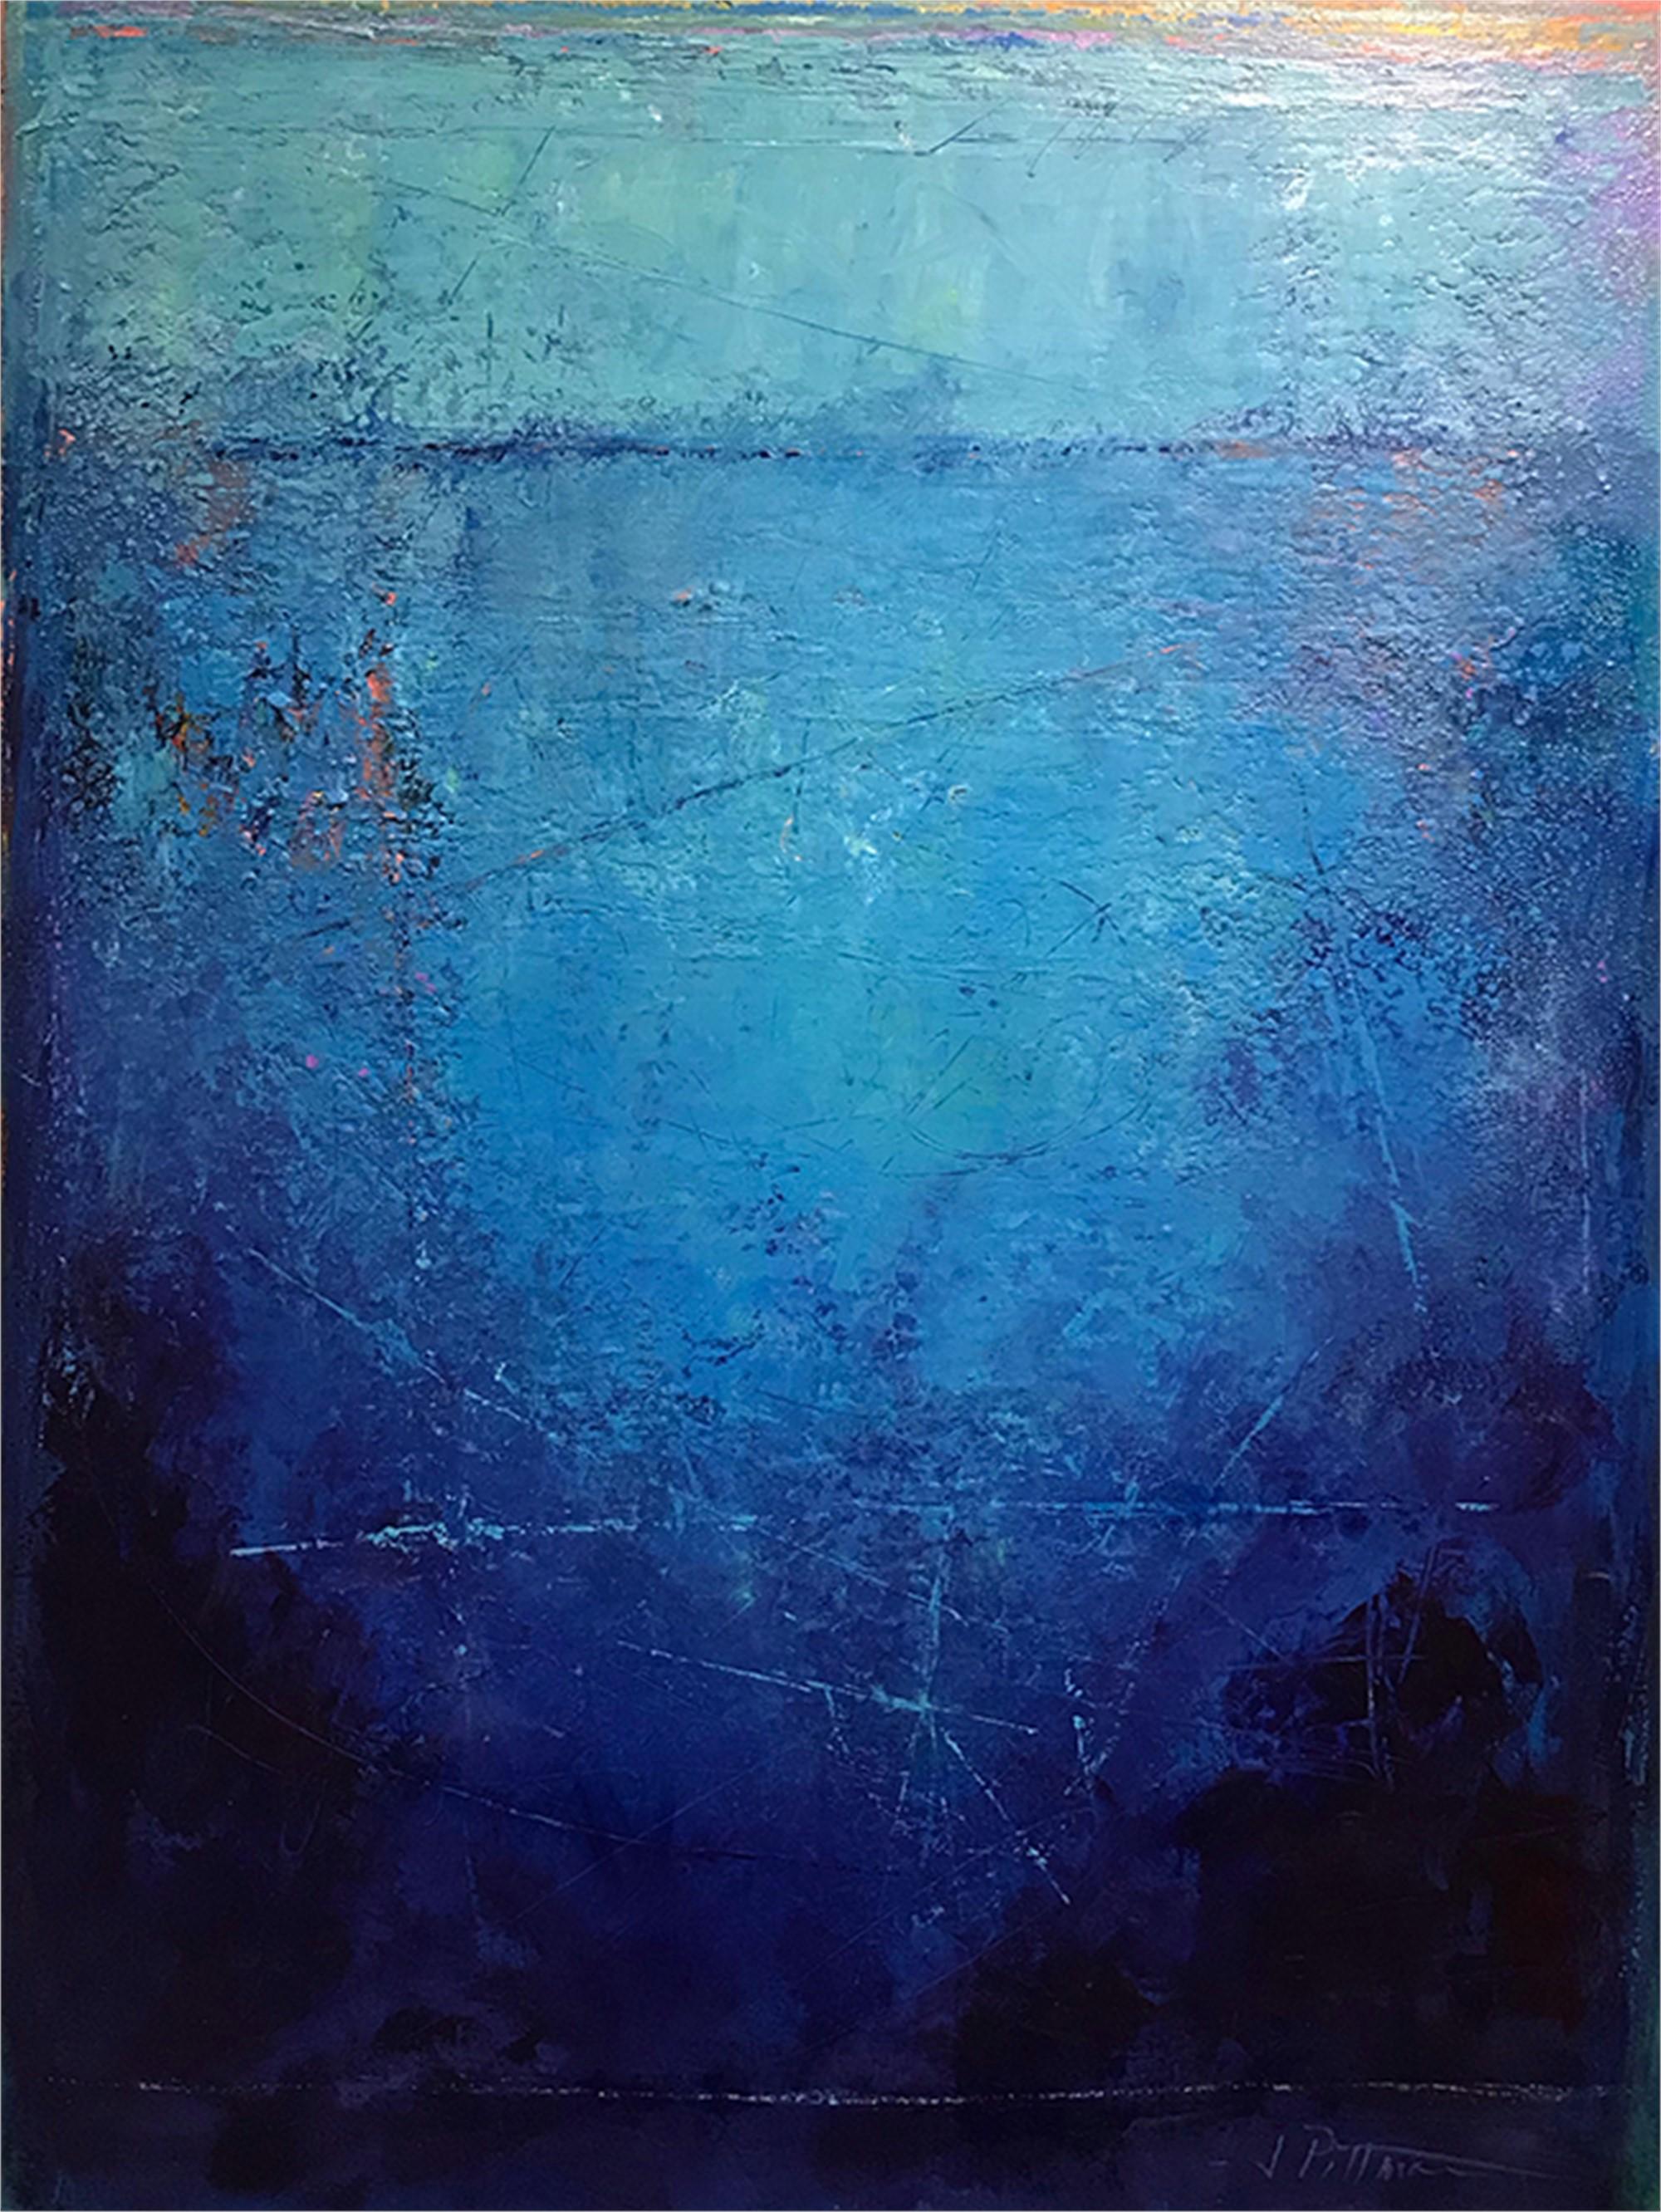 Southern Ocean 1 by Jim Pittman